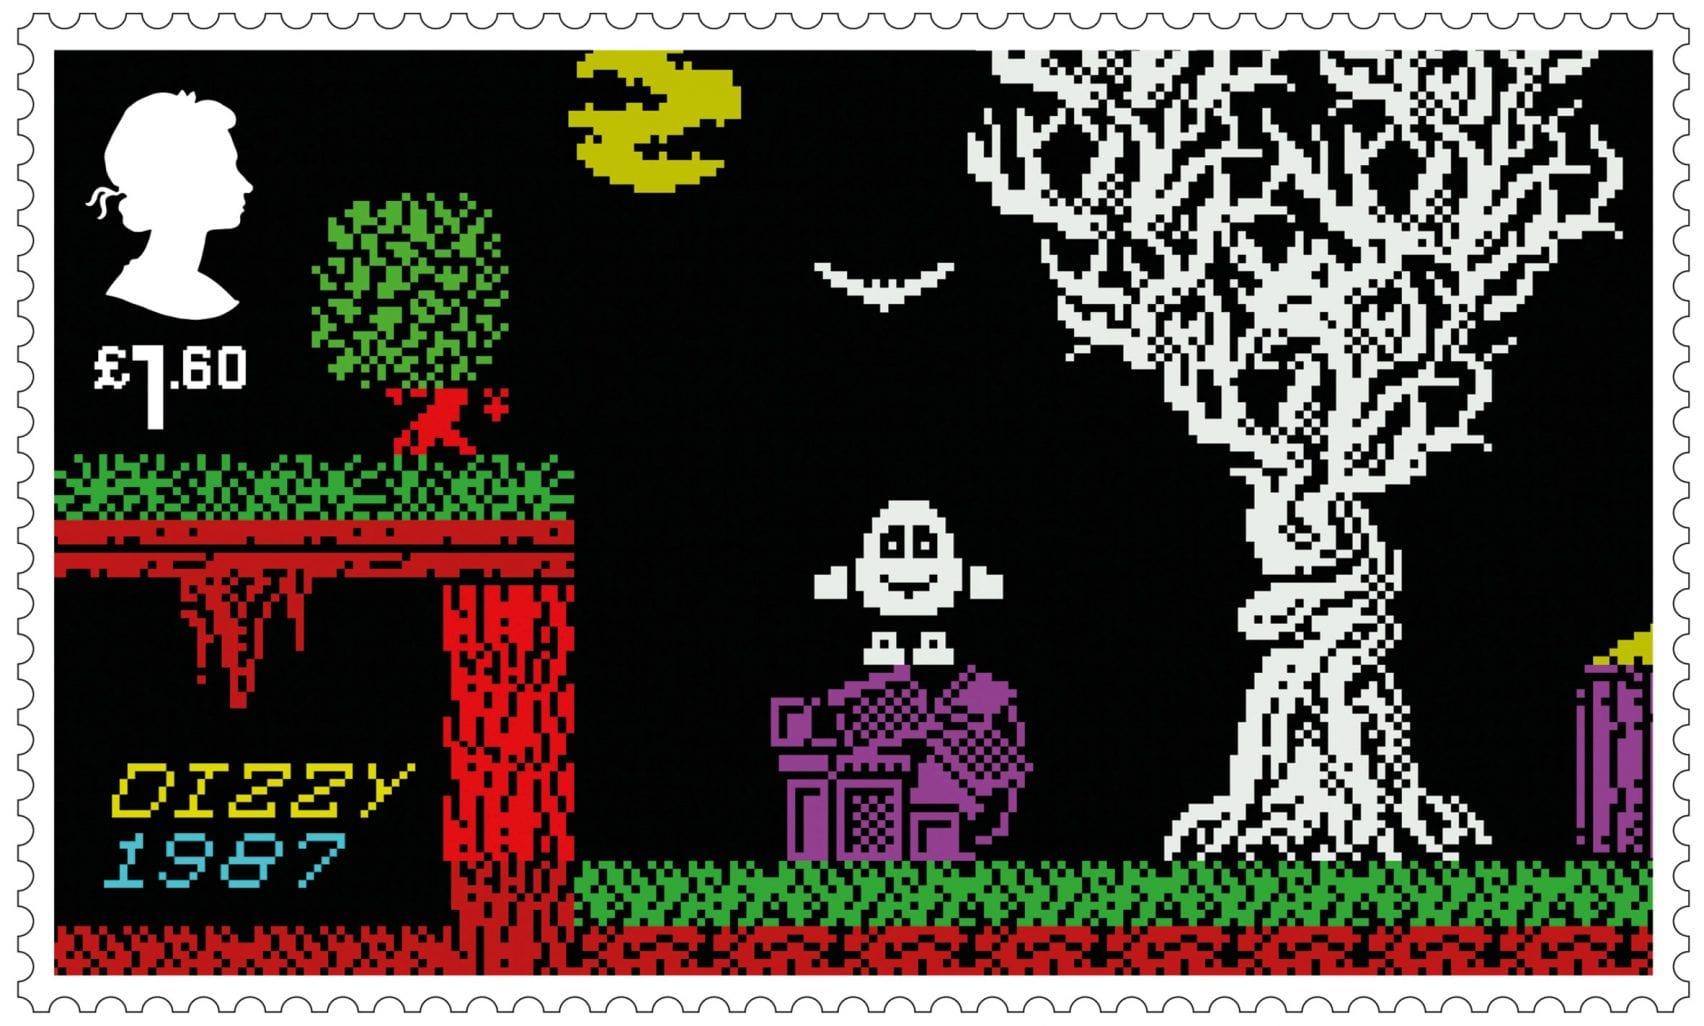 kráľovská pošta vzdáva hold ikonickým hrám - Kráľovská pošta vzdáva hold ikonickým hrám